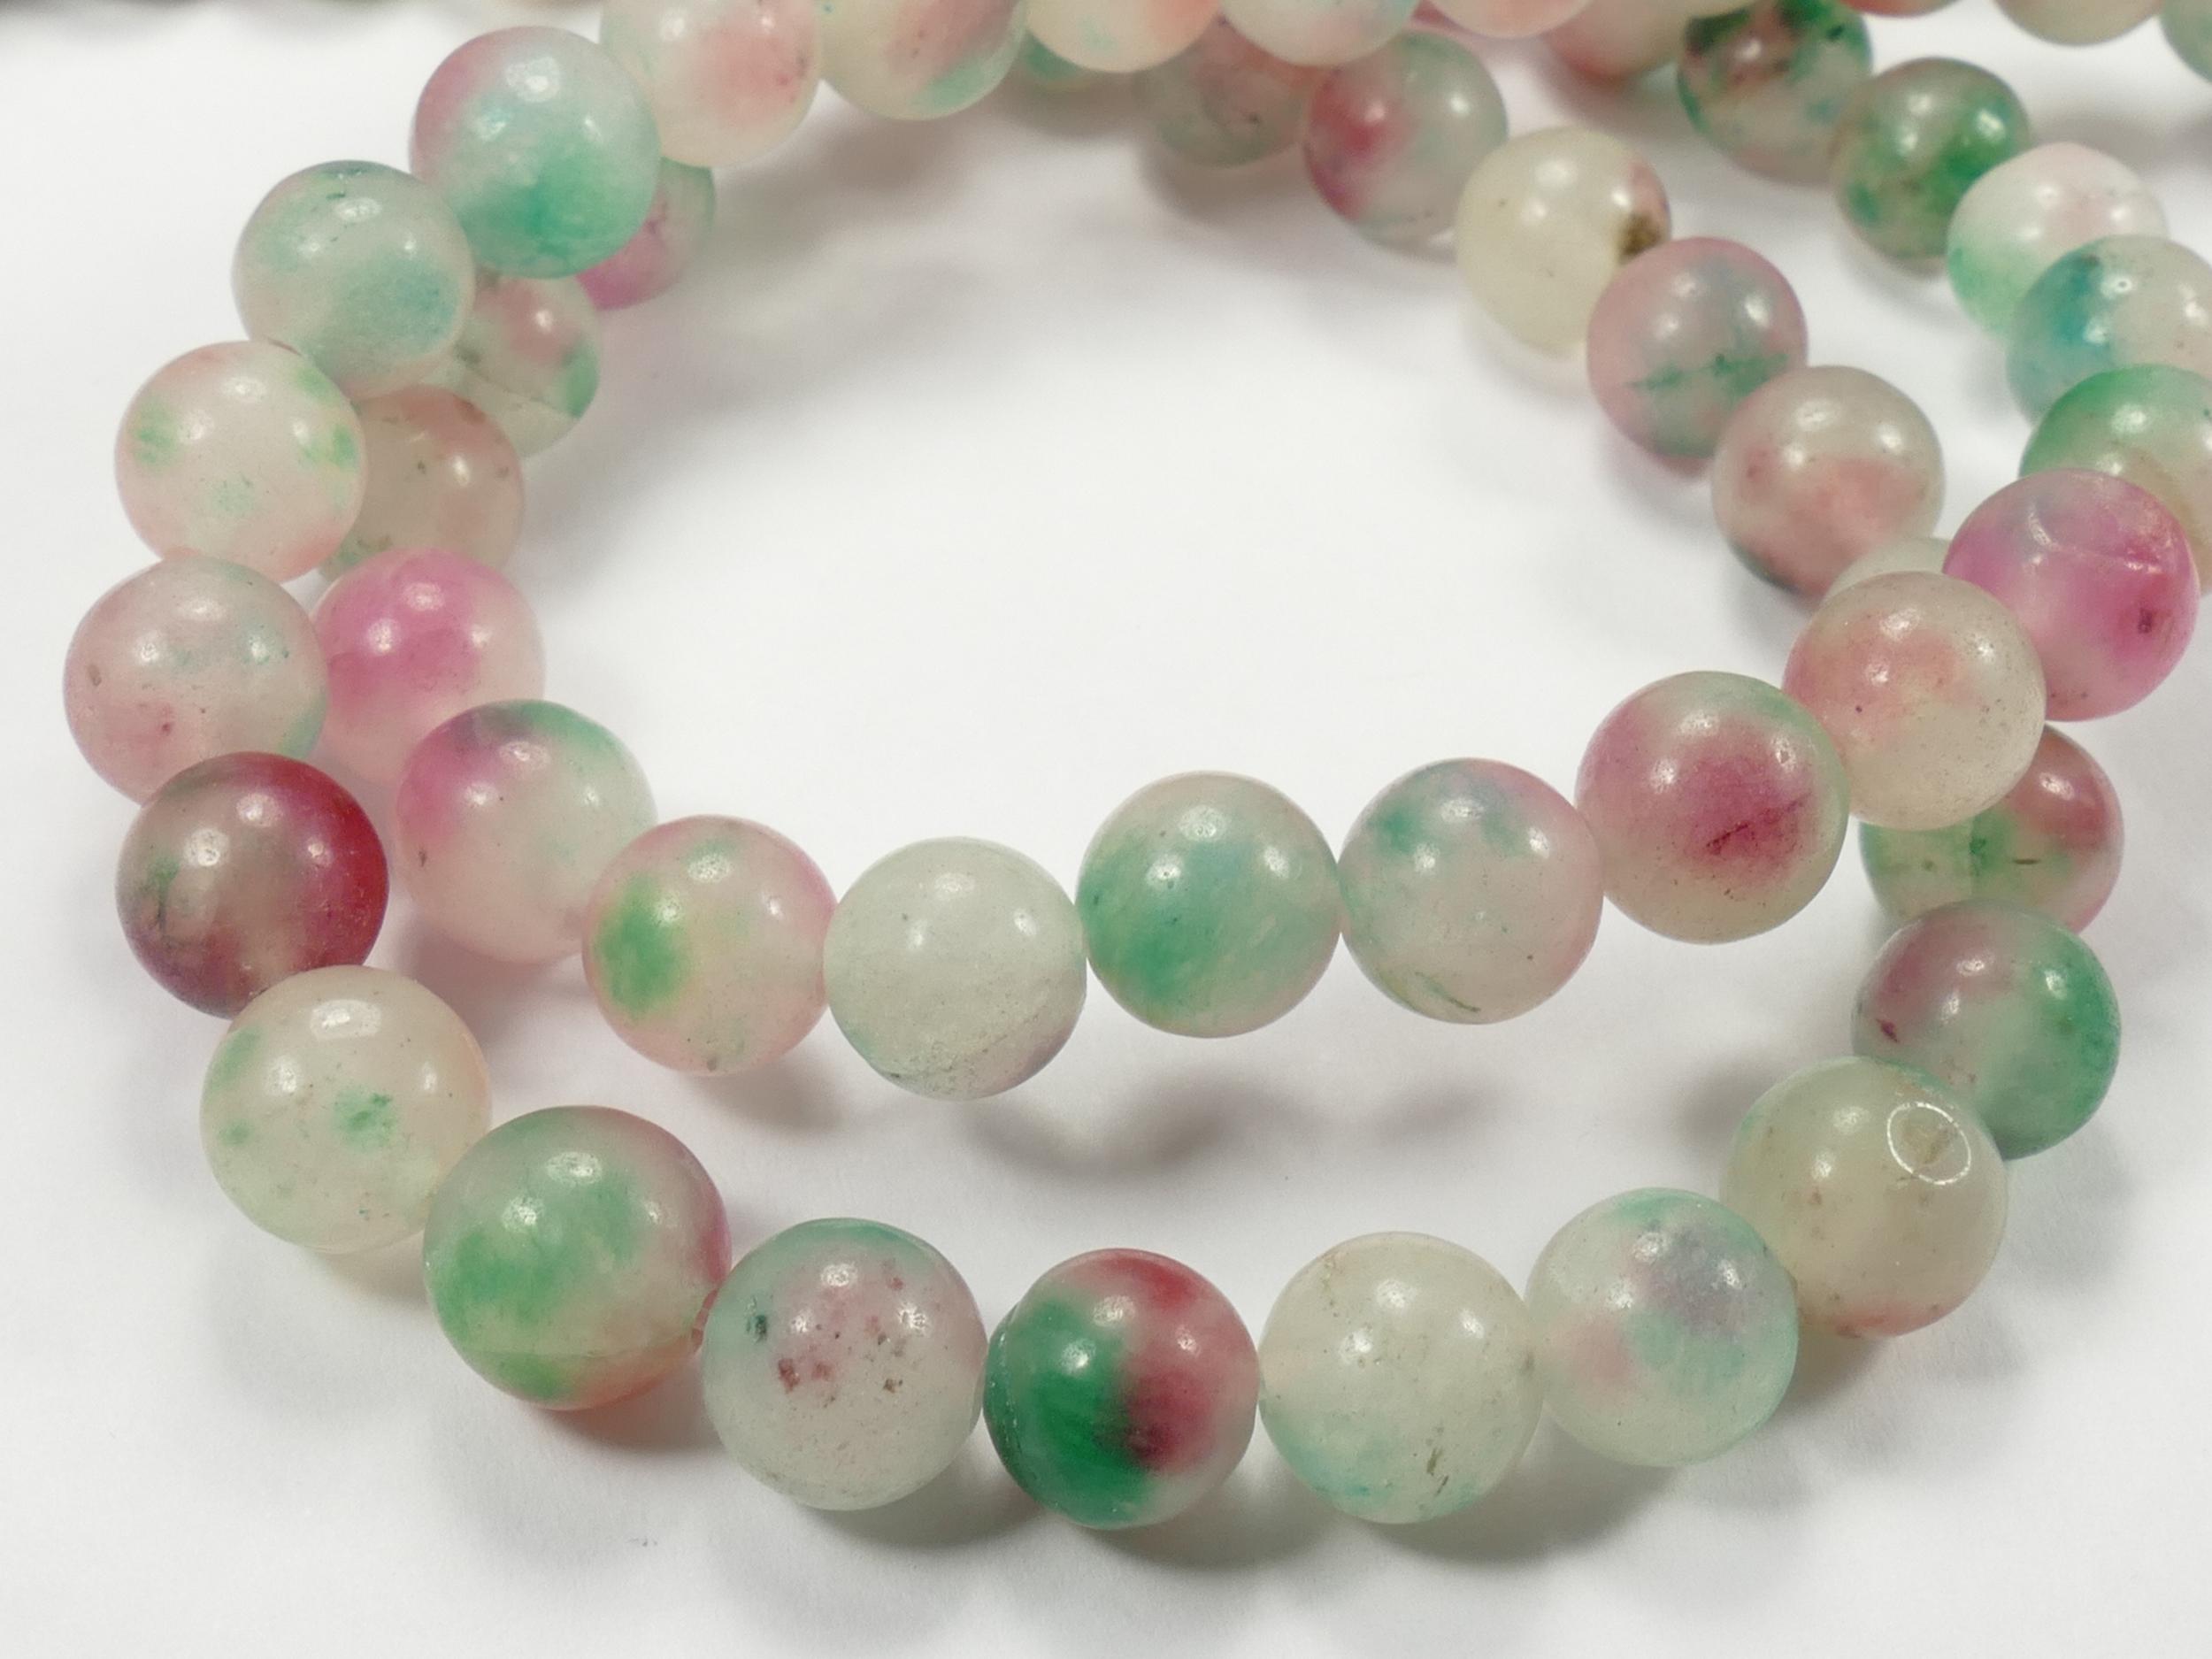 8/8.4mm Perle de Jade teinté en boule / ronde lisse bicolore vert rose x39cm (15.3inch) (#AC677)